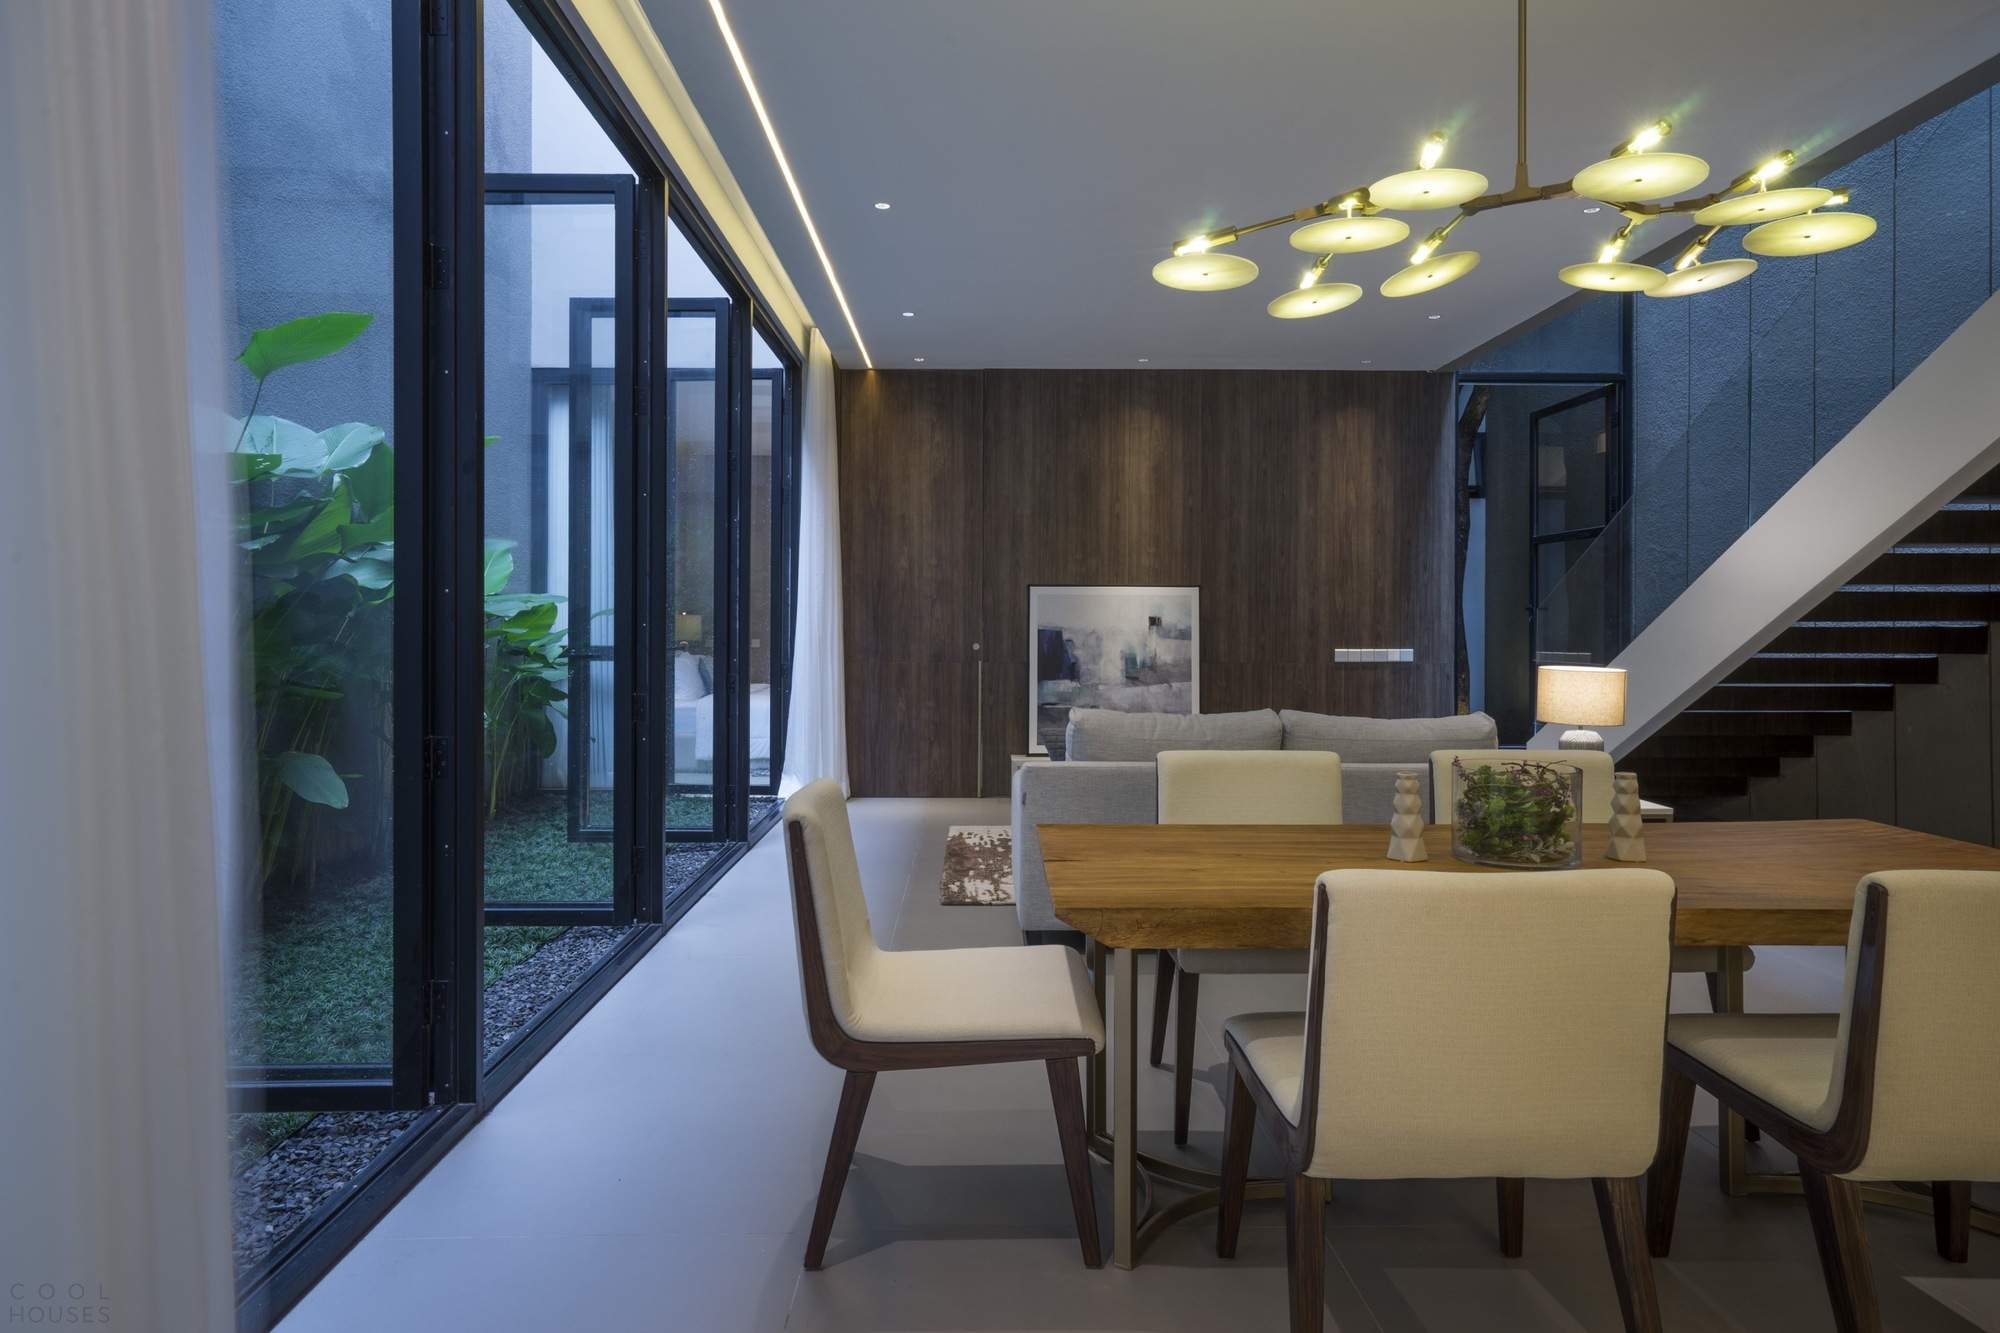 Семейный дом со скромным экстерьером и роскошным интерьером, Индонезия